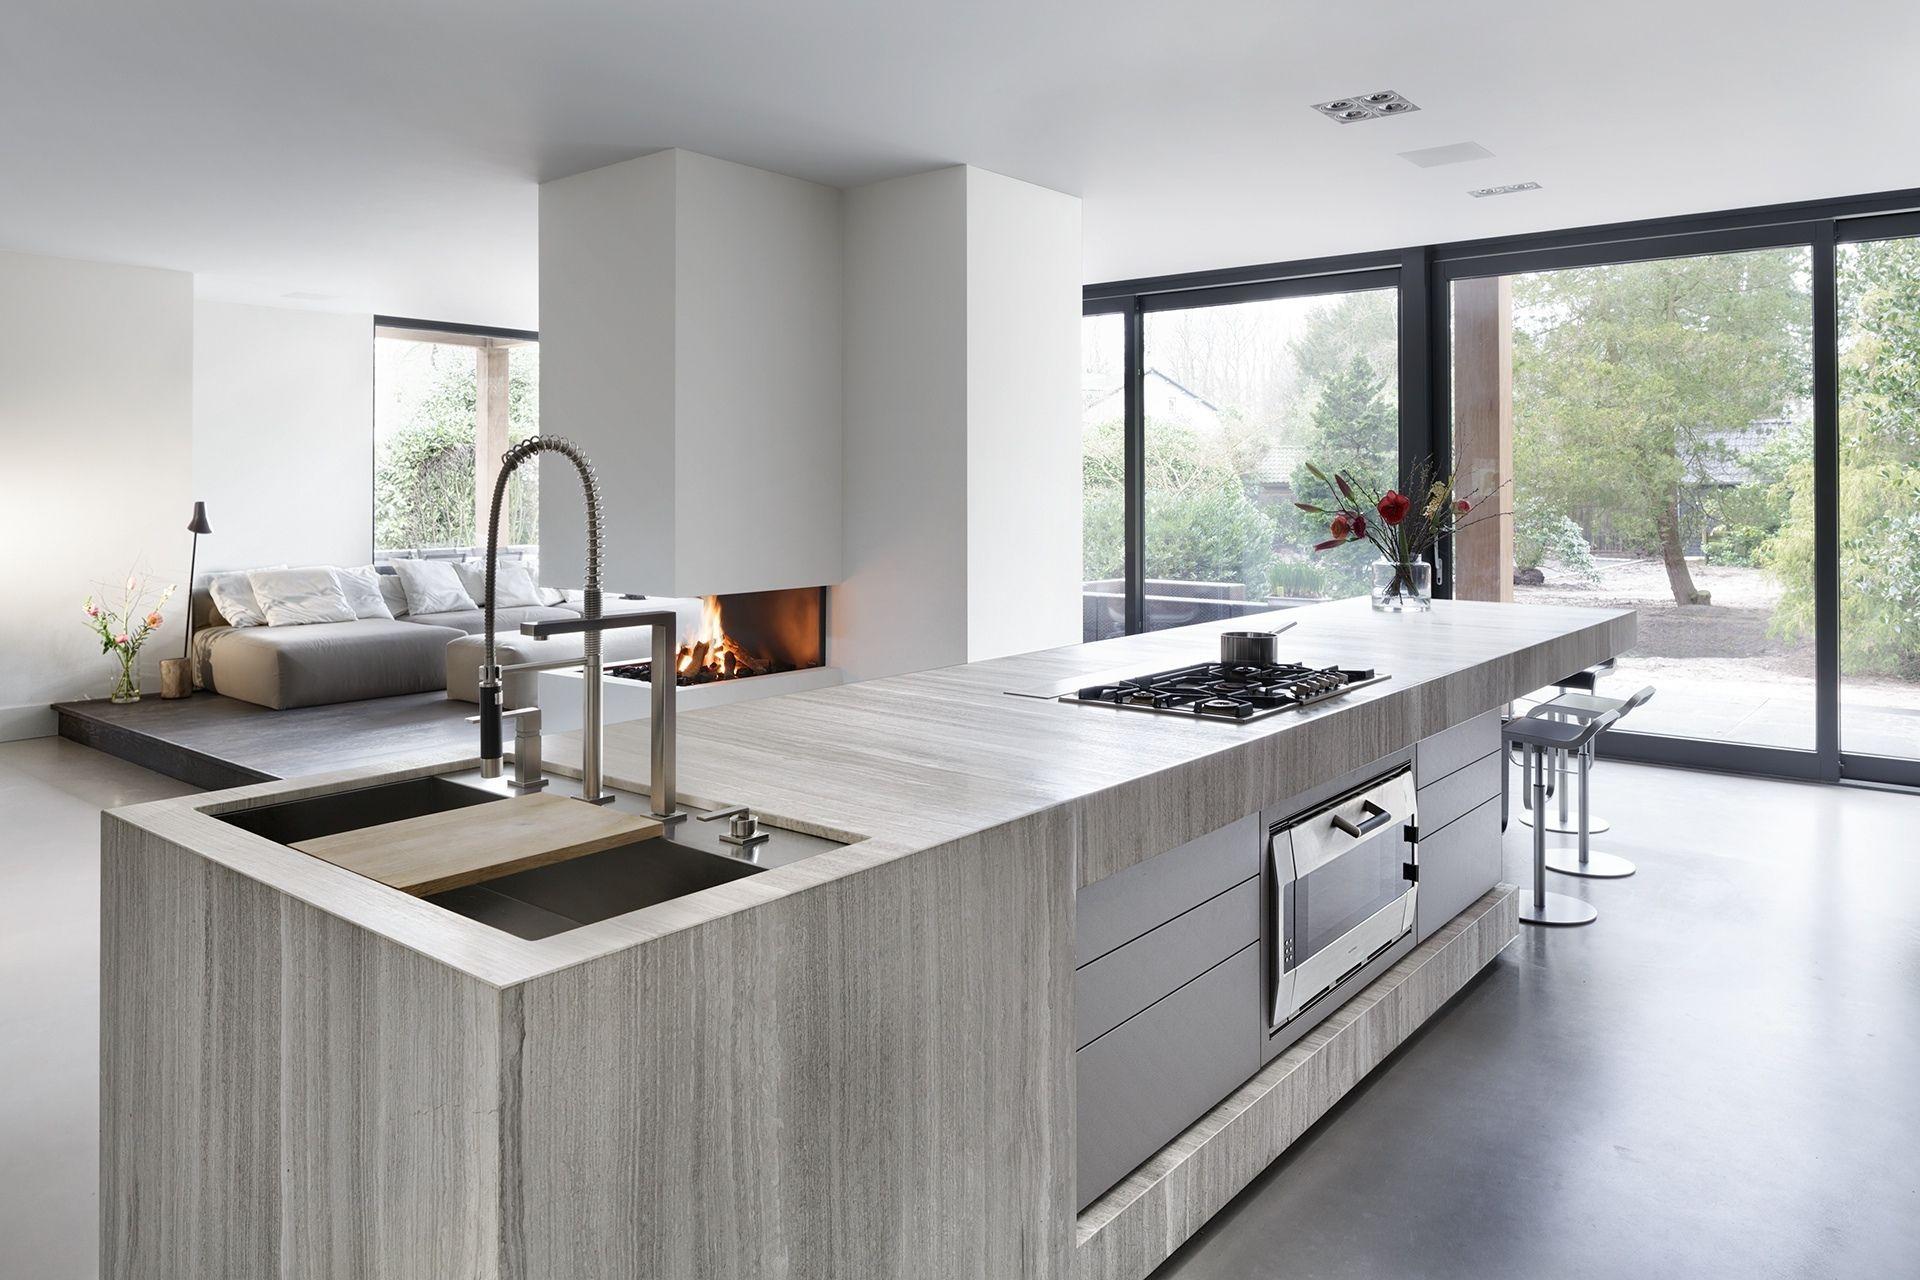 Modern interieur met haard kookeiland designkeuken bloxx van